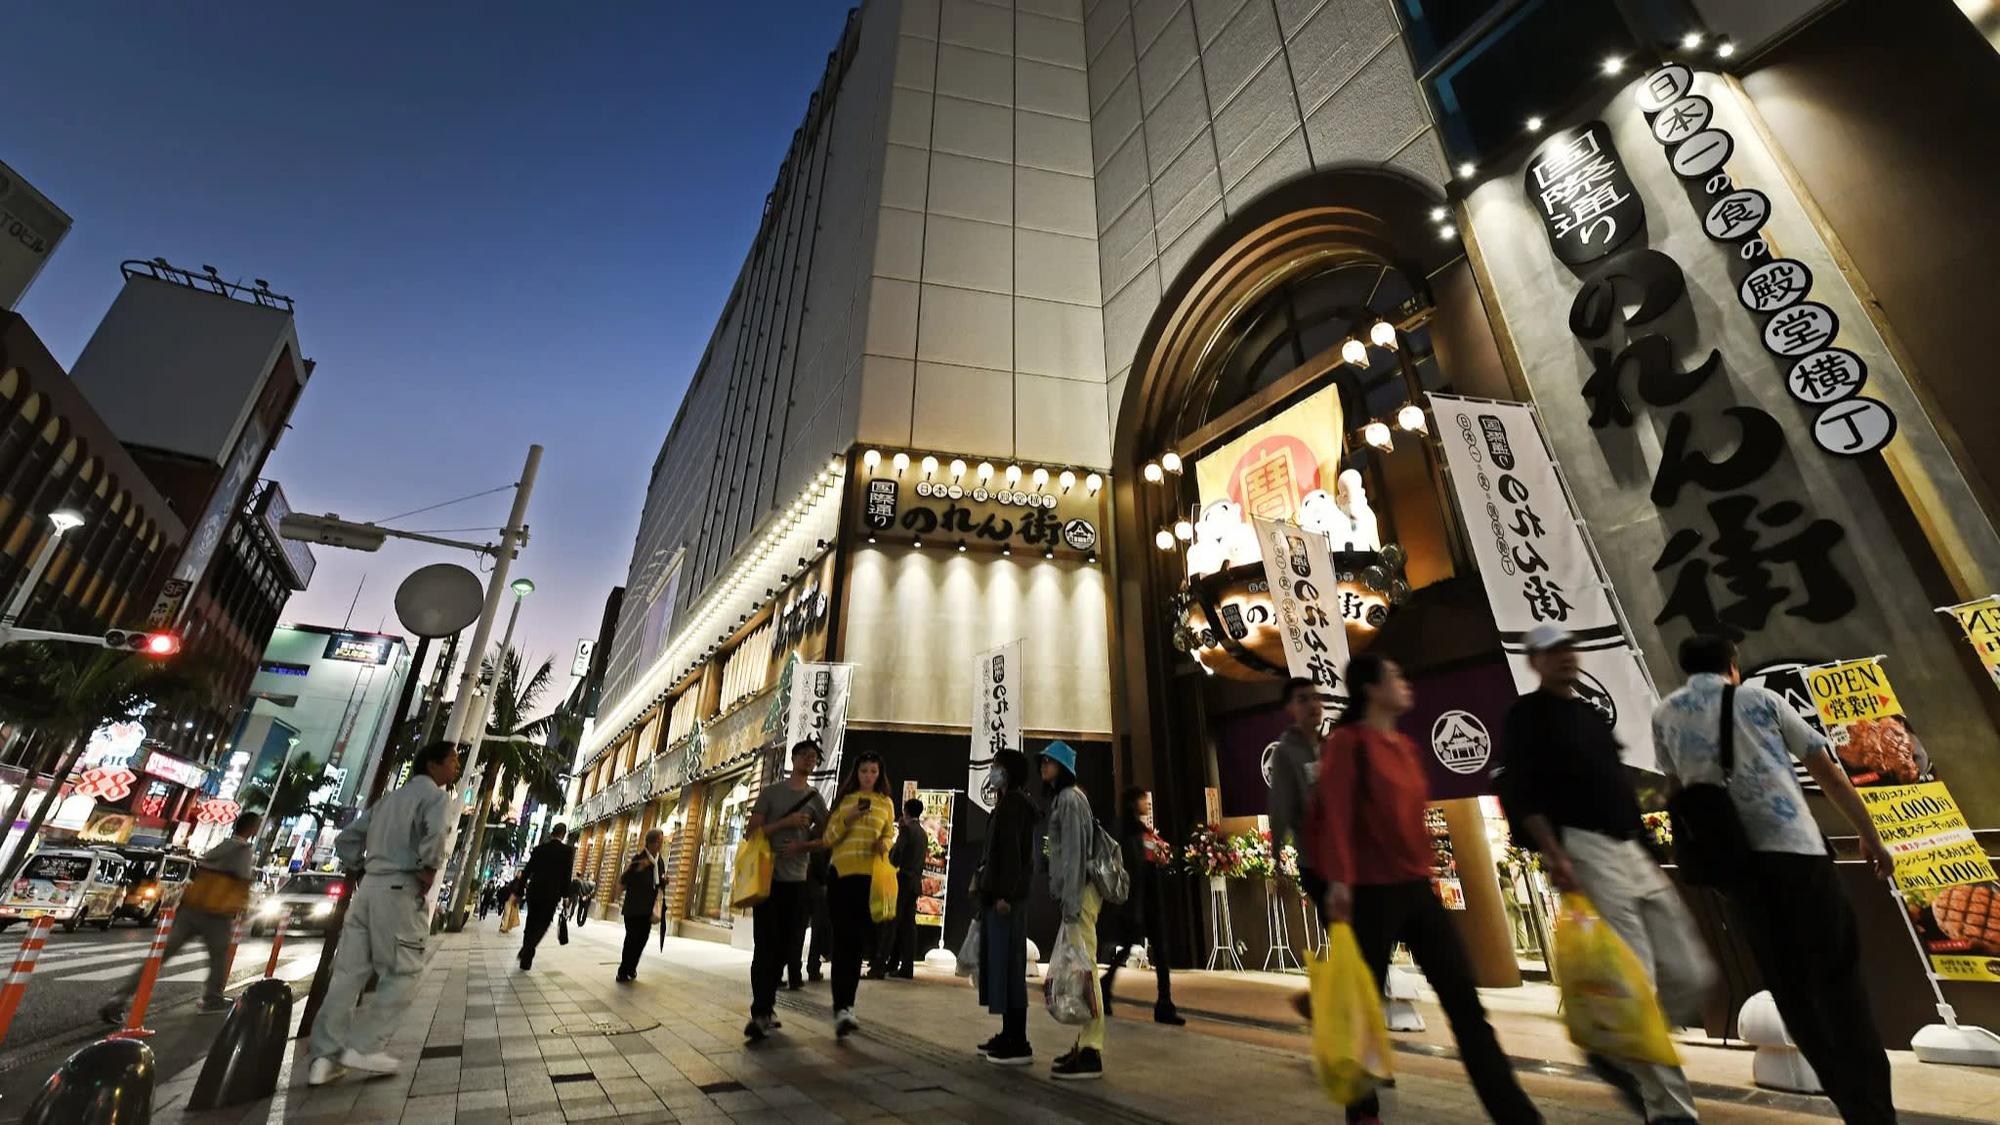 Nhật Bản bị 'tẩy chay' khi trở thành điểm nóng tiếp theo của dịch bệnh virus corona - Ảnh 2.